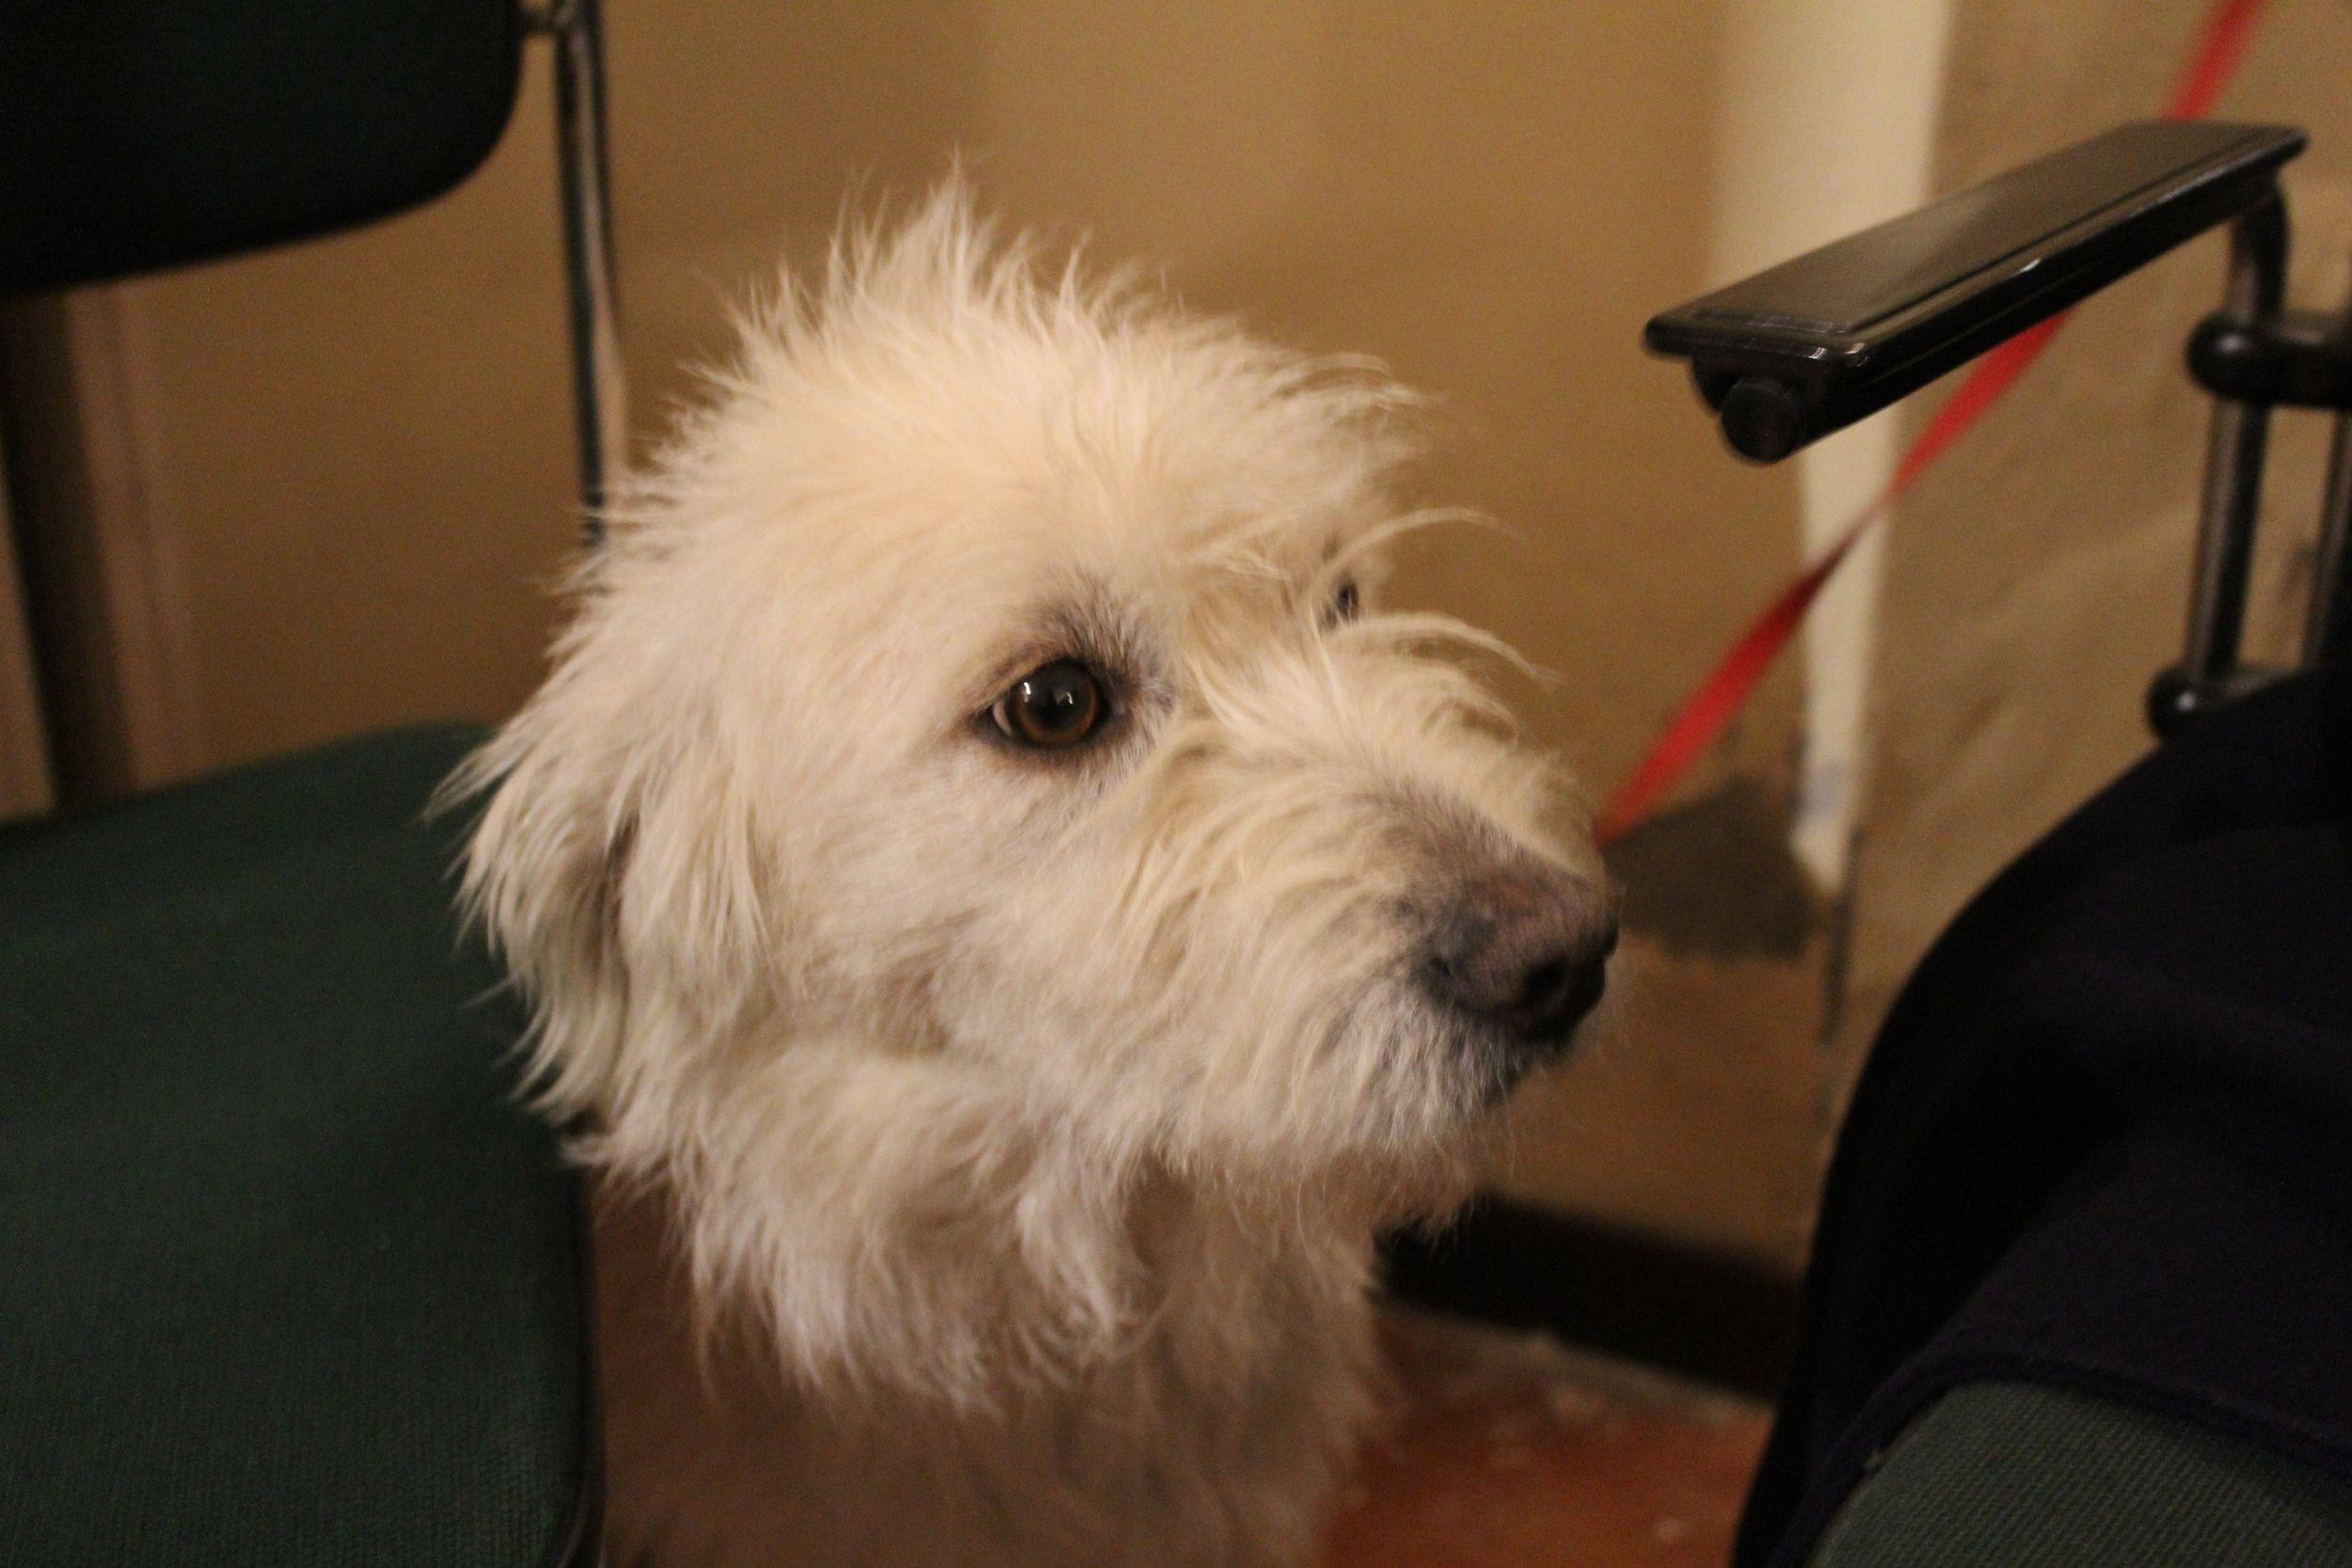 In consiglio comunale arriva una cagnolina e scoppia il caso